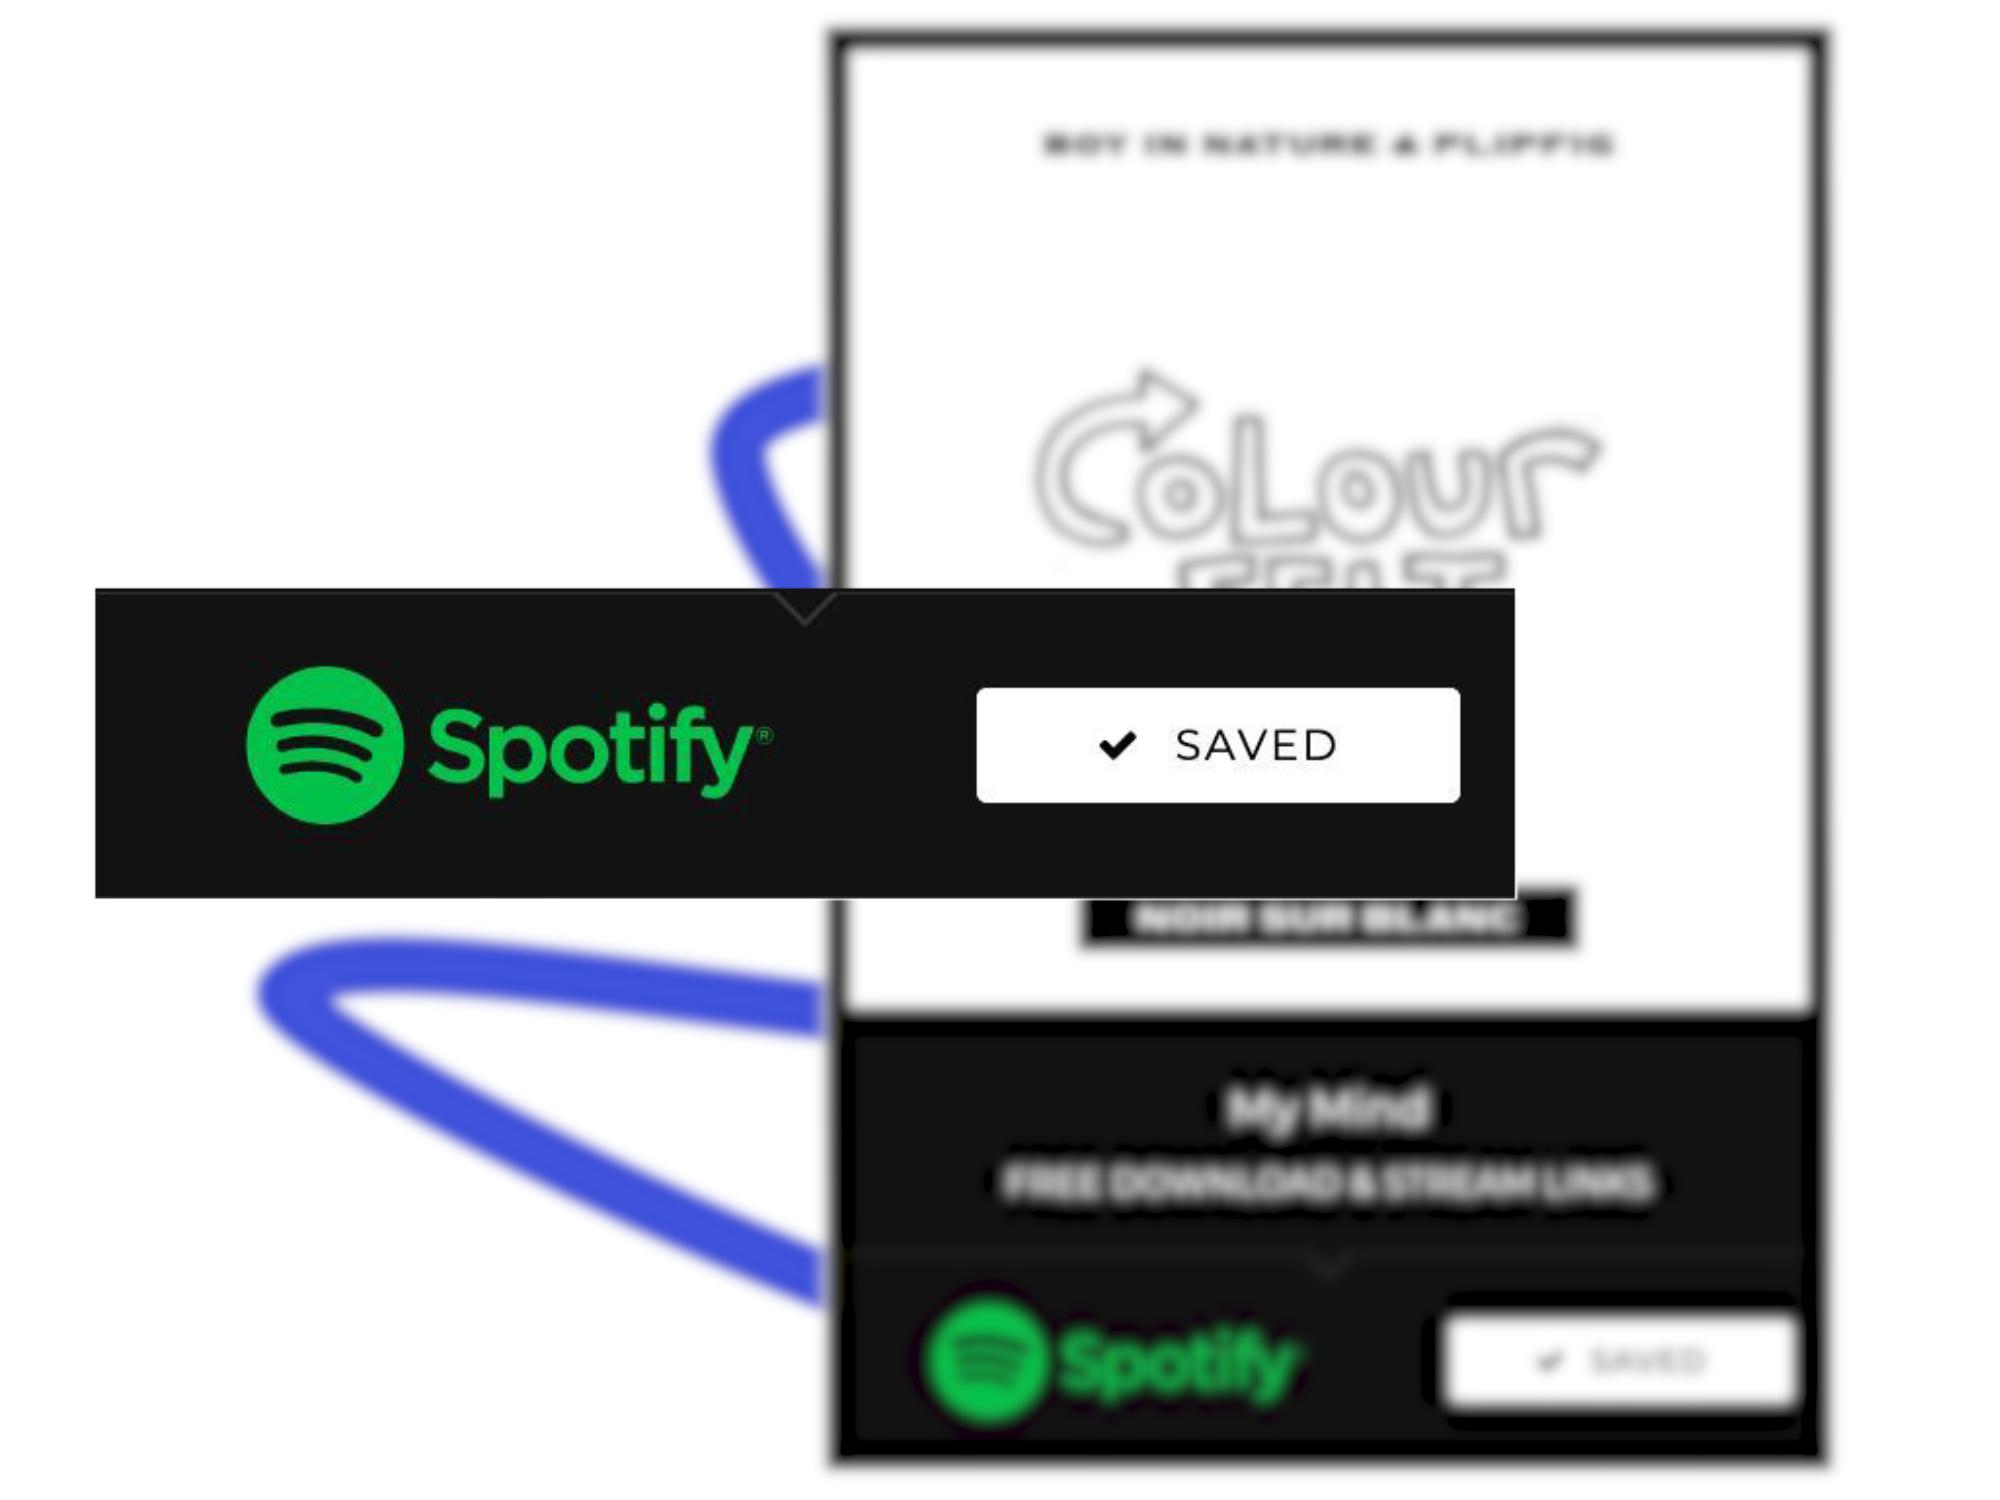 Spotify pre save